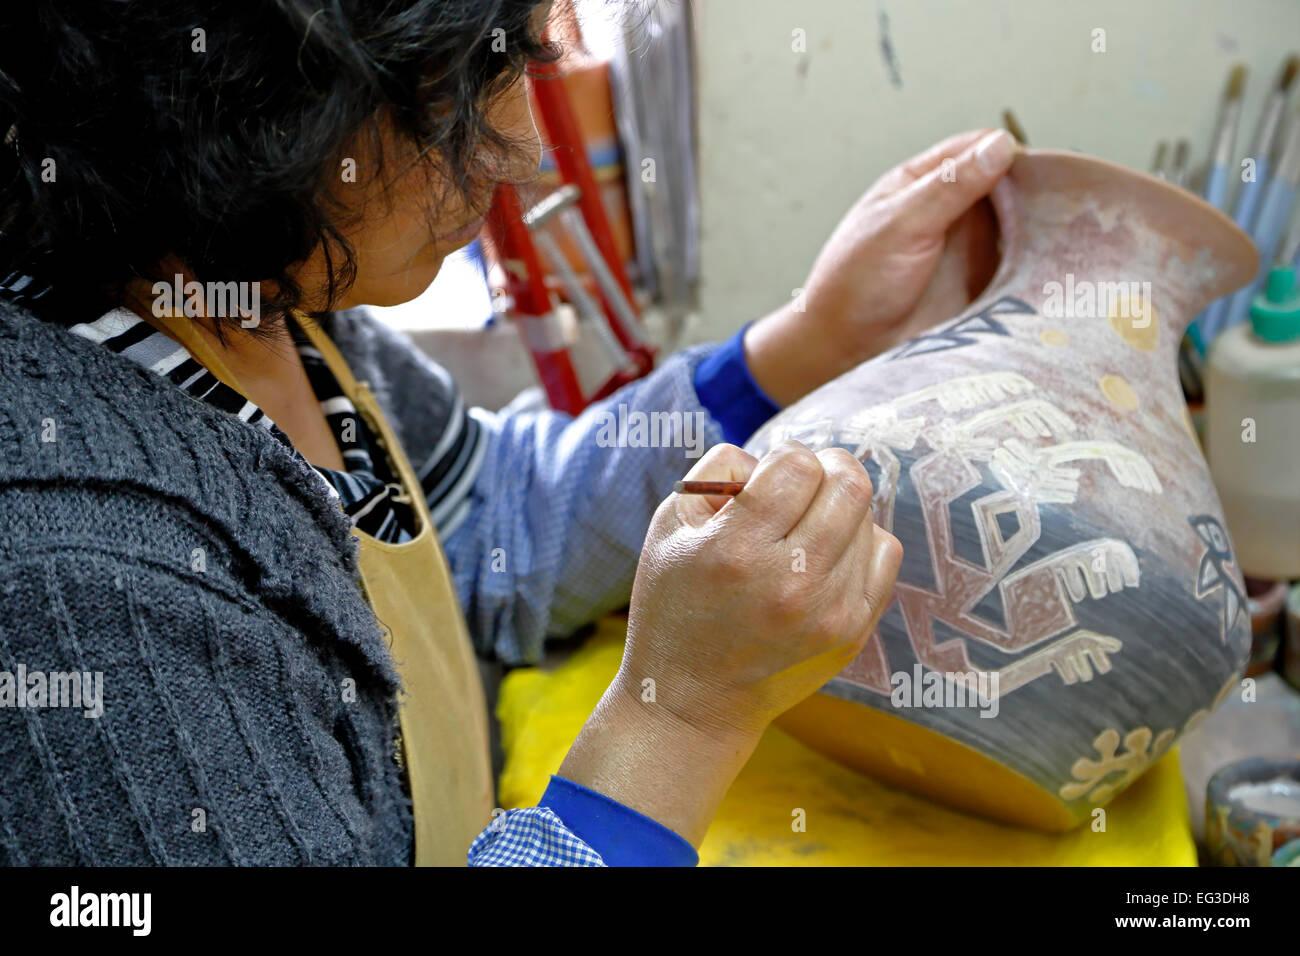 Woman artisan painting ceramic pot, Seminario Ceramics, Urubamba, Cusco, Peru - Stock Image